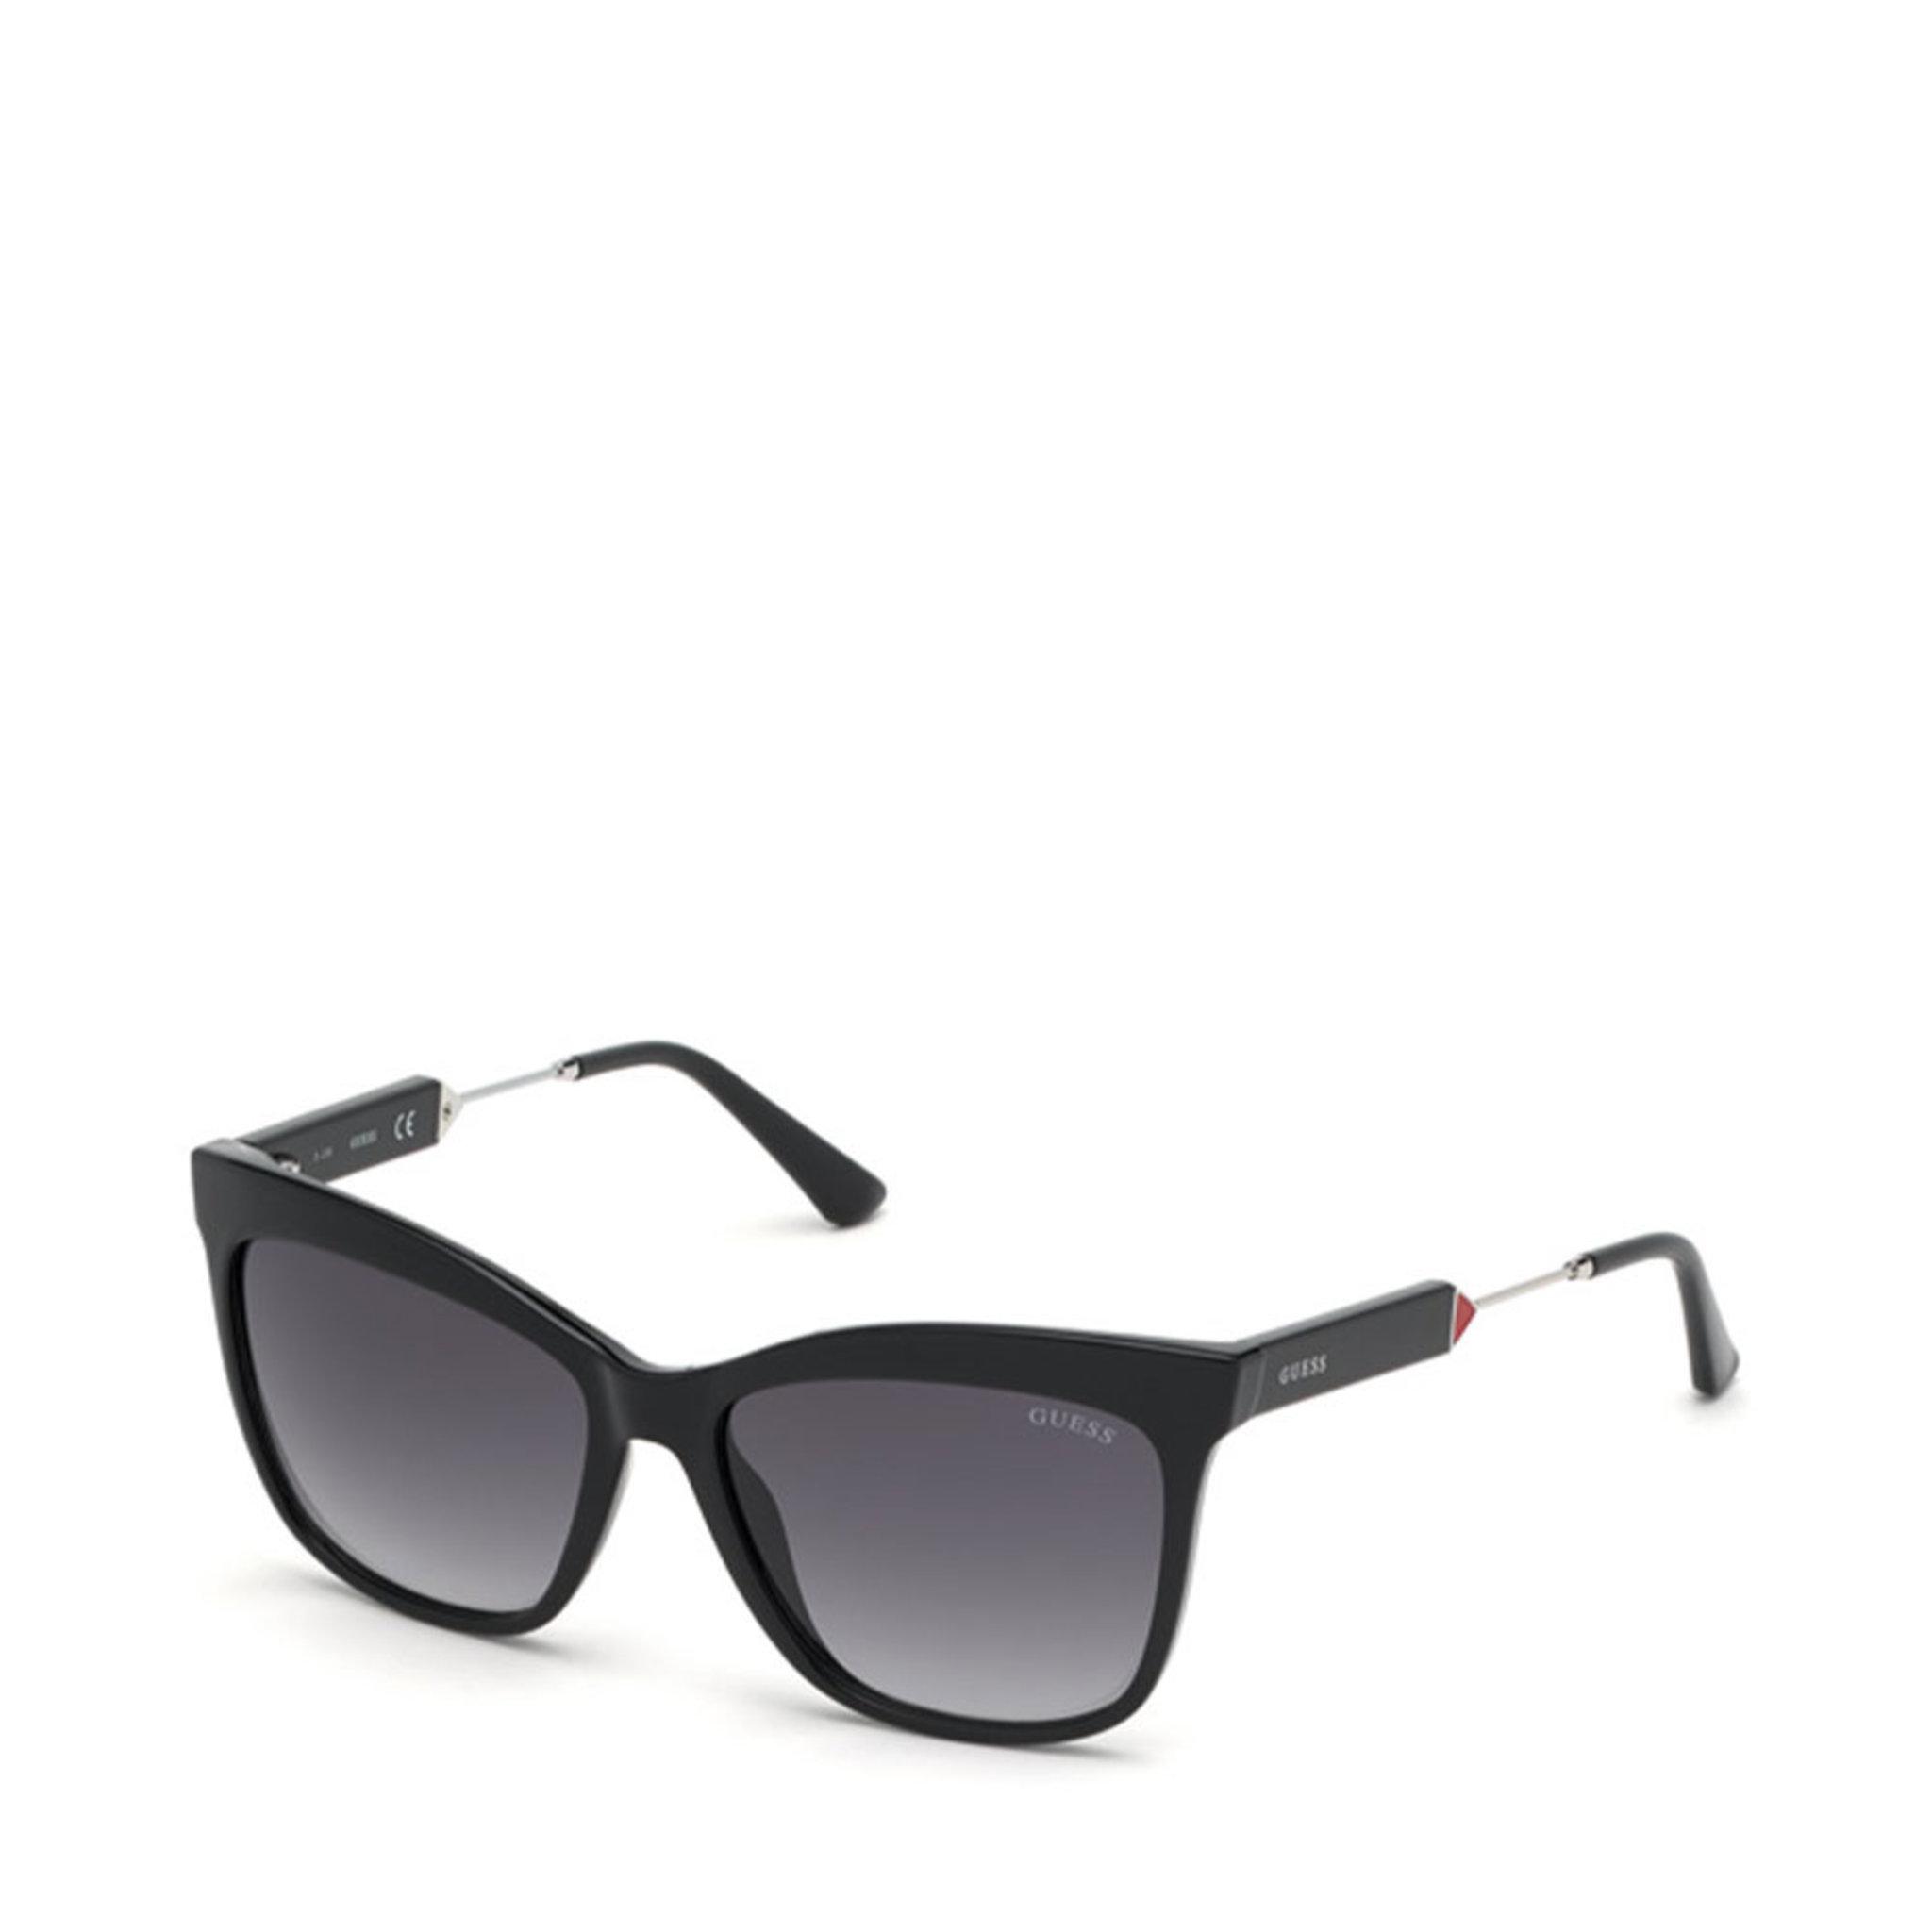 Sunglasses GU7620